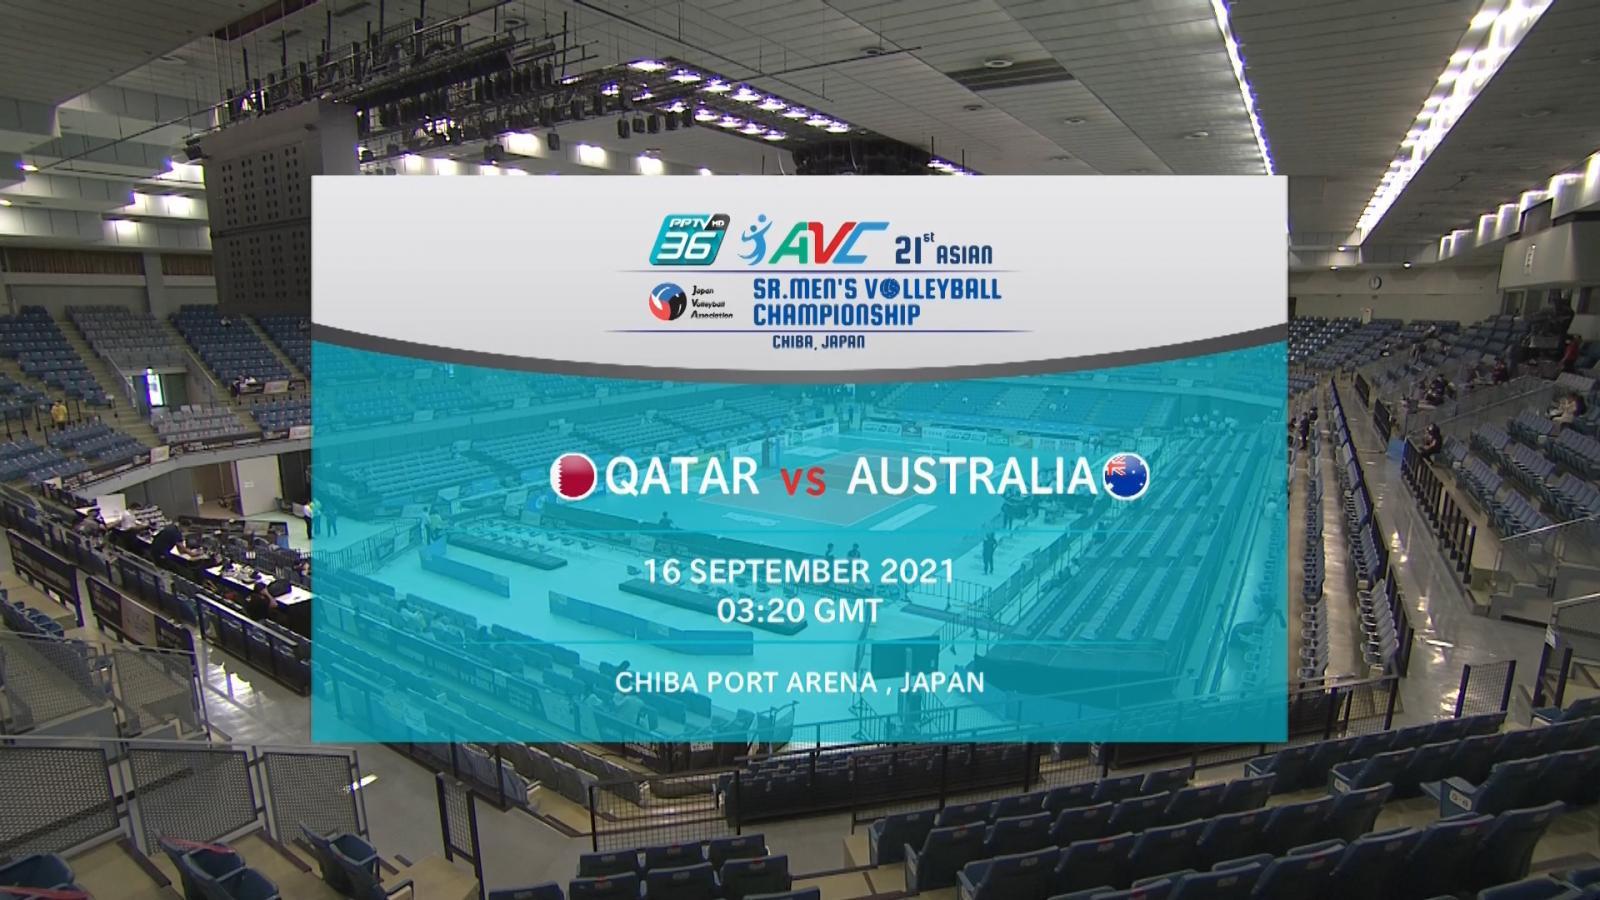 ไฮไลท์ | พีพีทีวี วอลเลย์บอลชาย เจวีเอ ชิงชนะเลิศแห่งเอเชีย | กาตาร์ พบ ออสเตรเลีย | 16 ก.ย. 64